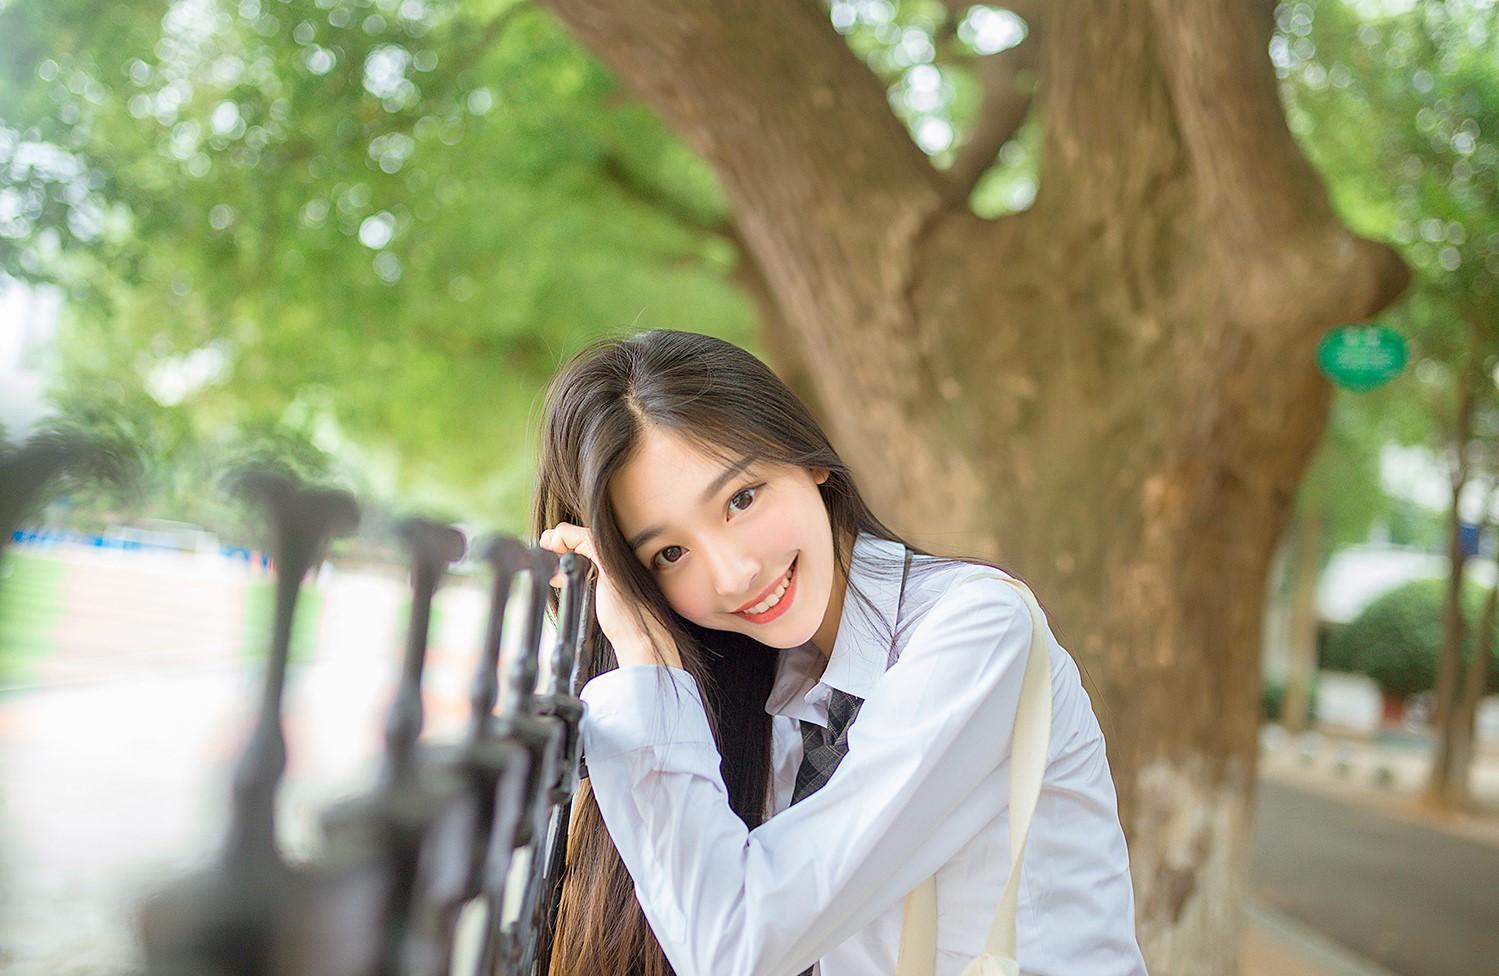 Chỉ nhờ một bức ảnh xuất thần, cô bạn Trung Quốc đã được mệnh danh nữ thần góc nghiêng - Ảnh 7.